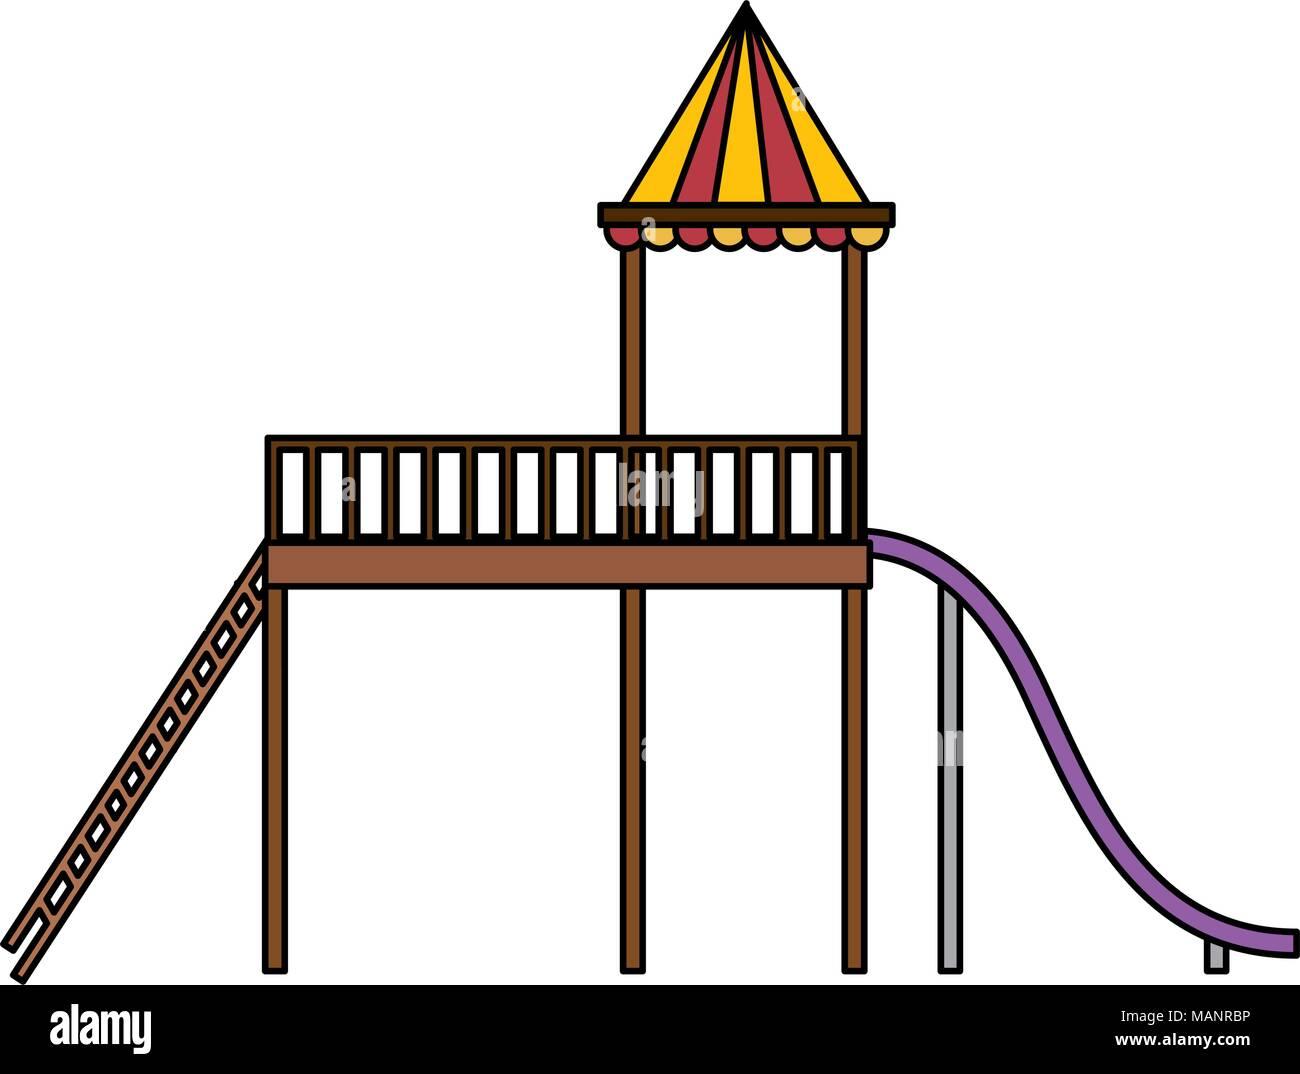 slide playground game for children - Stock Vector